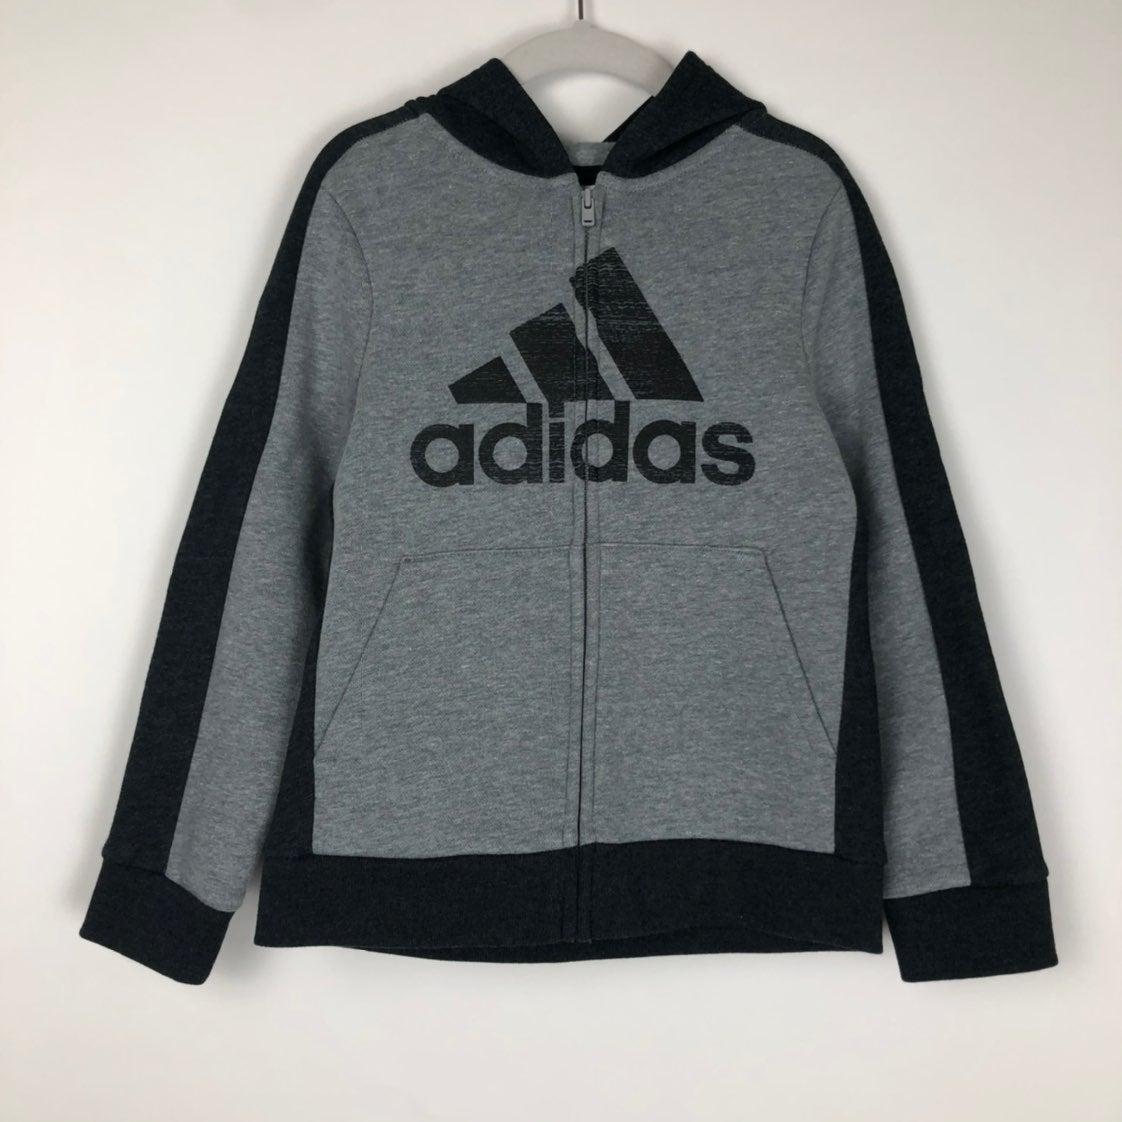 Kid's Adidas Full Zip Hoodie